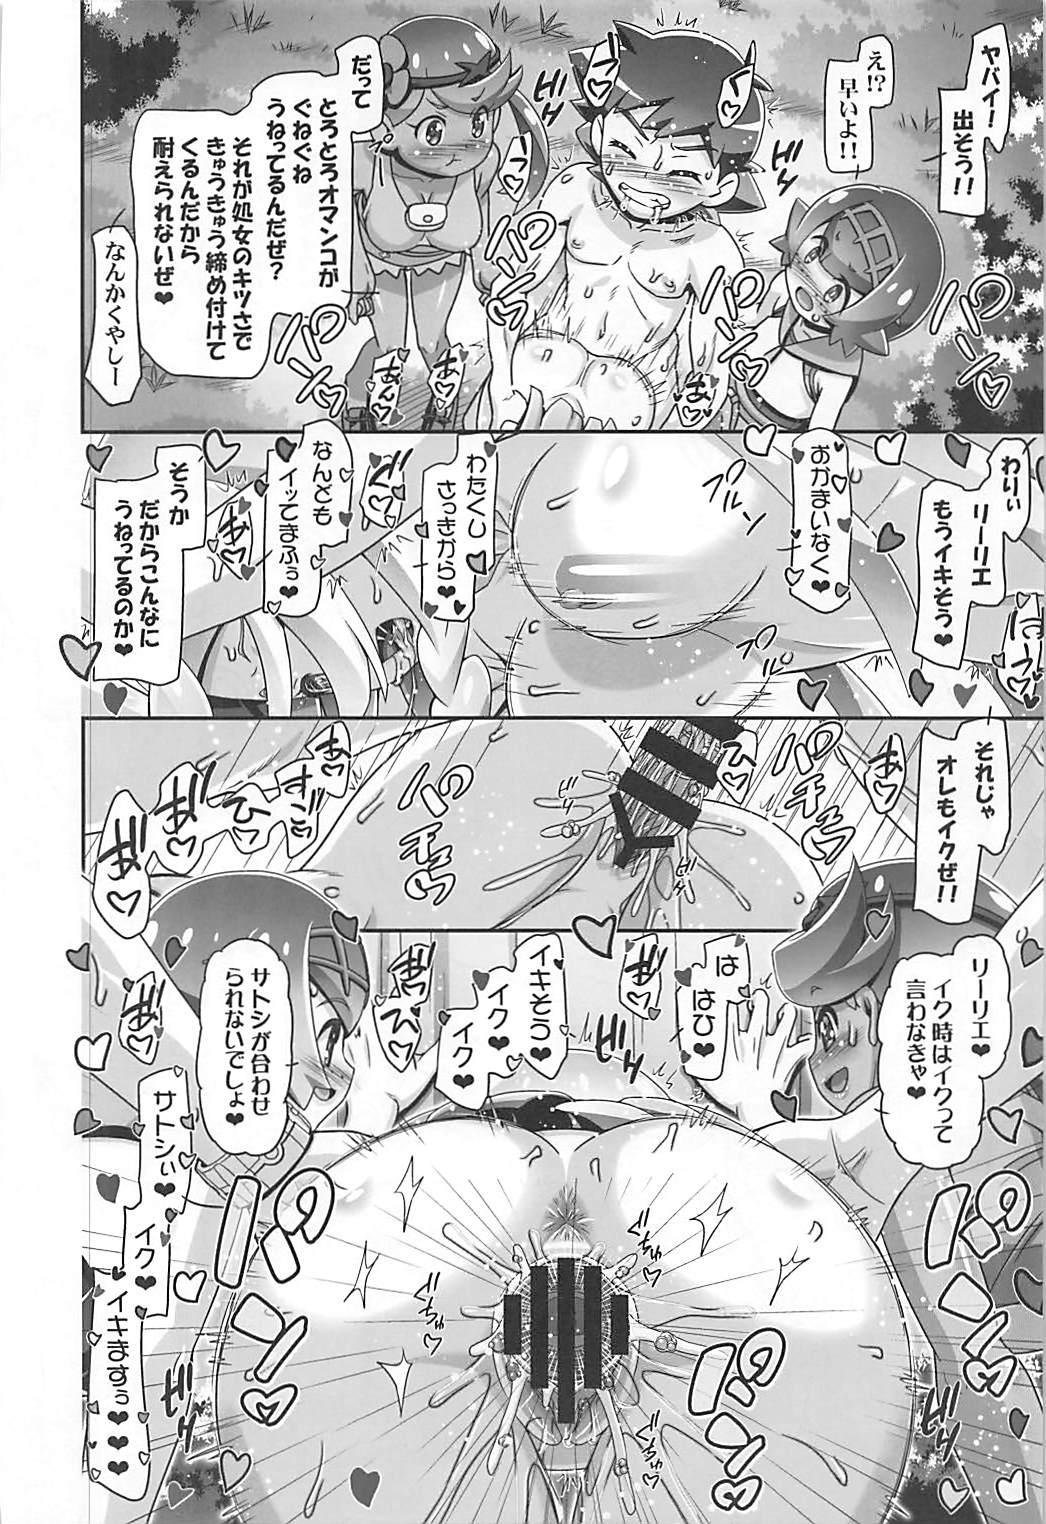 【ポケモン エロ漫画・エロ同人】ノーパンのリーリエがサトシと青姦してたらそれをオカズにオナニーをするスイレンとマオの露出狂タイプwwww (11)